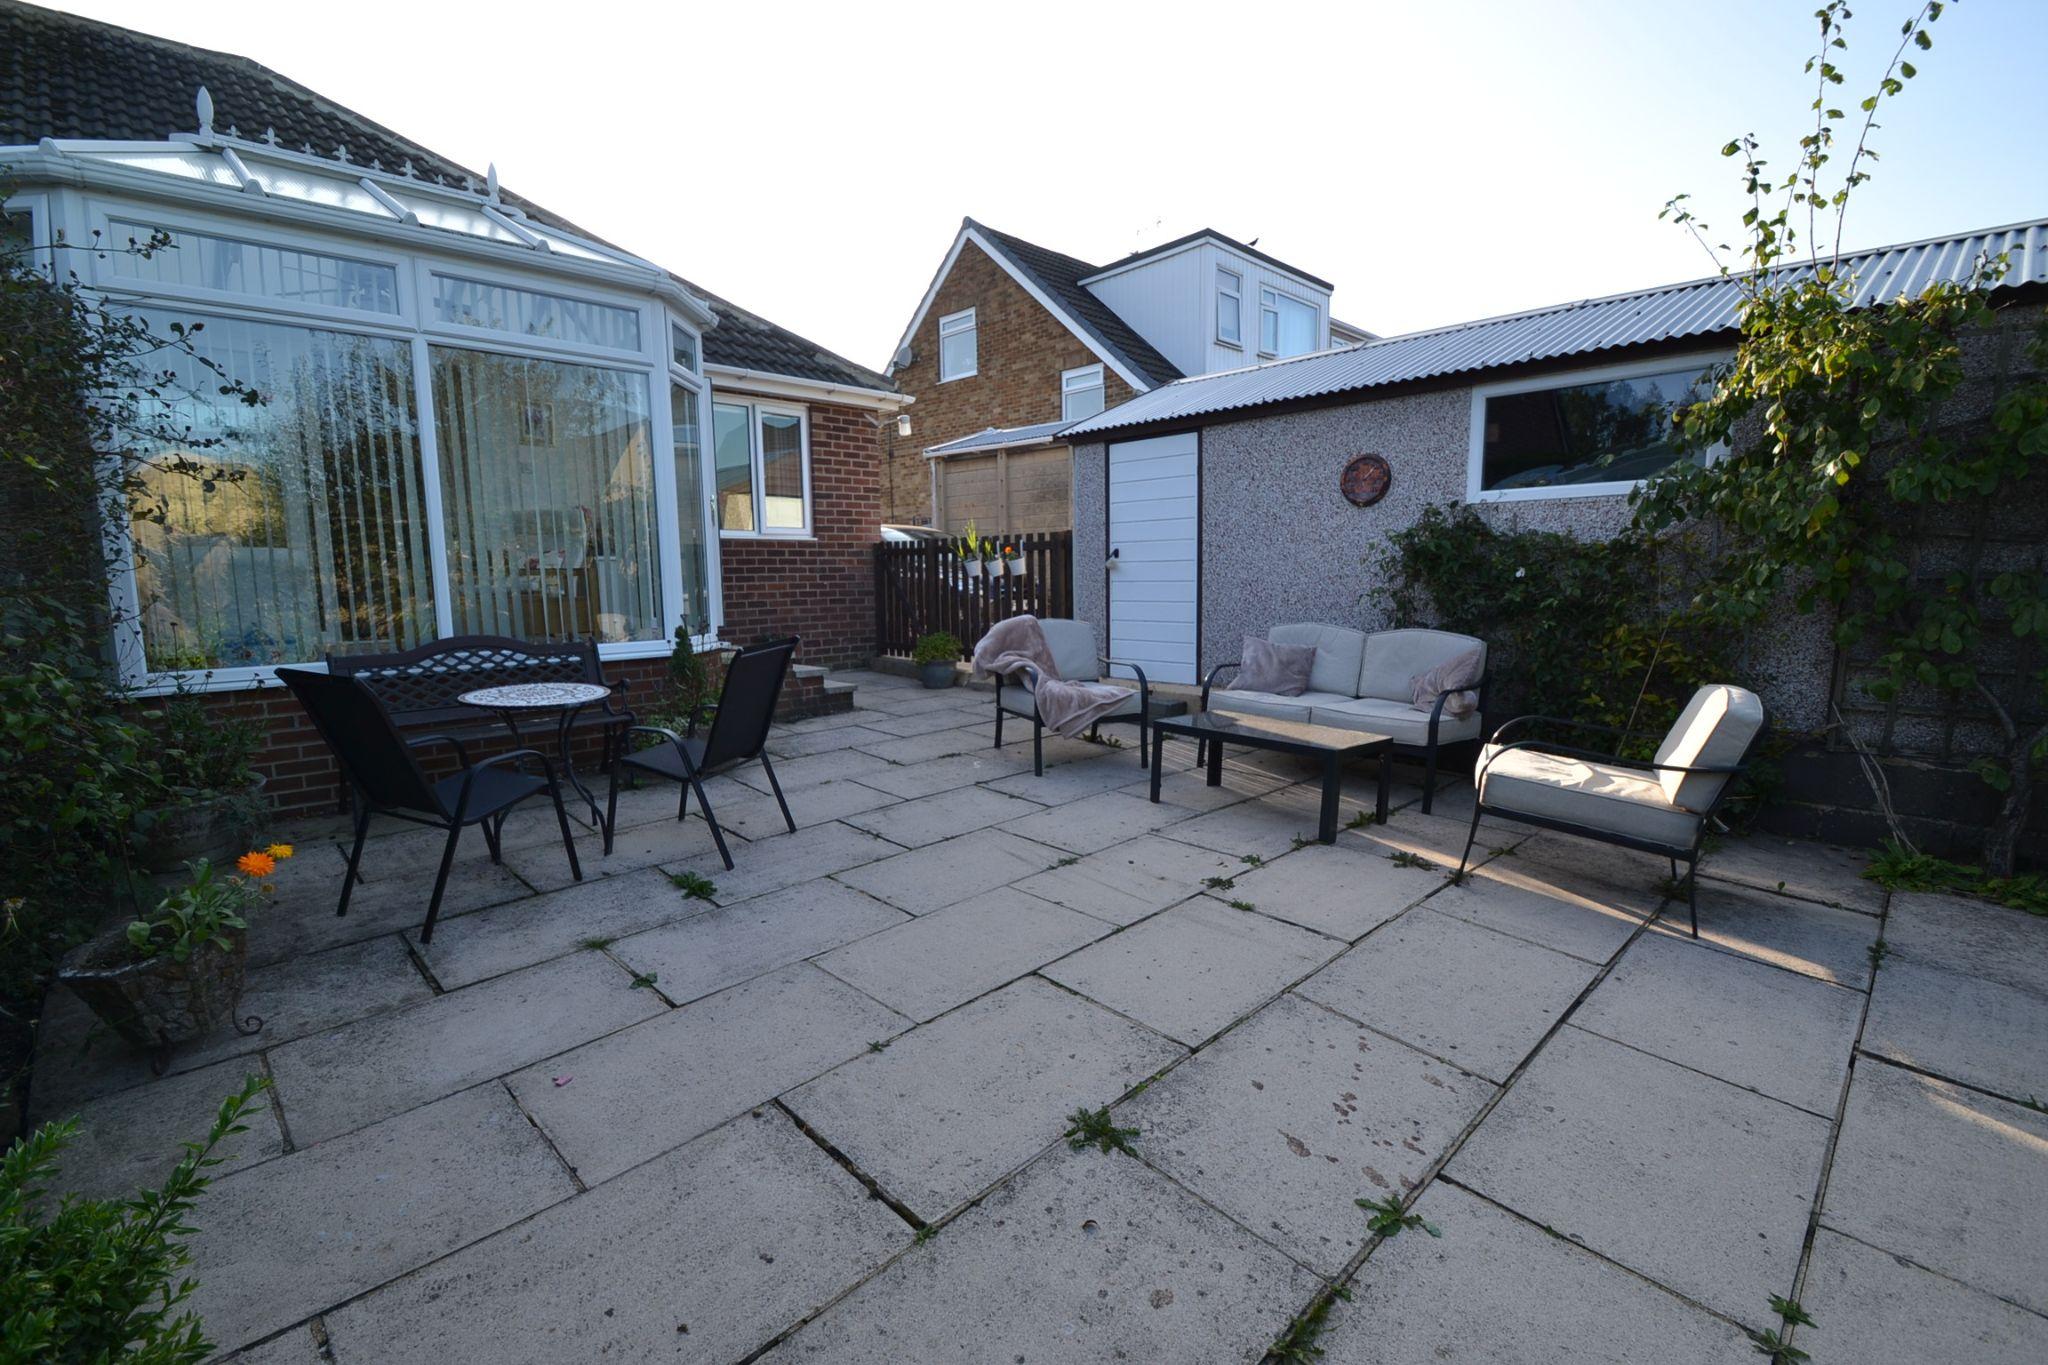 2 Bedroom Semi-detached Bungalow For Sale - Photograph 14